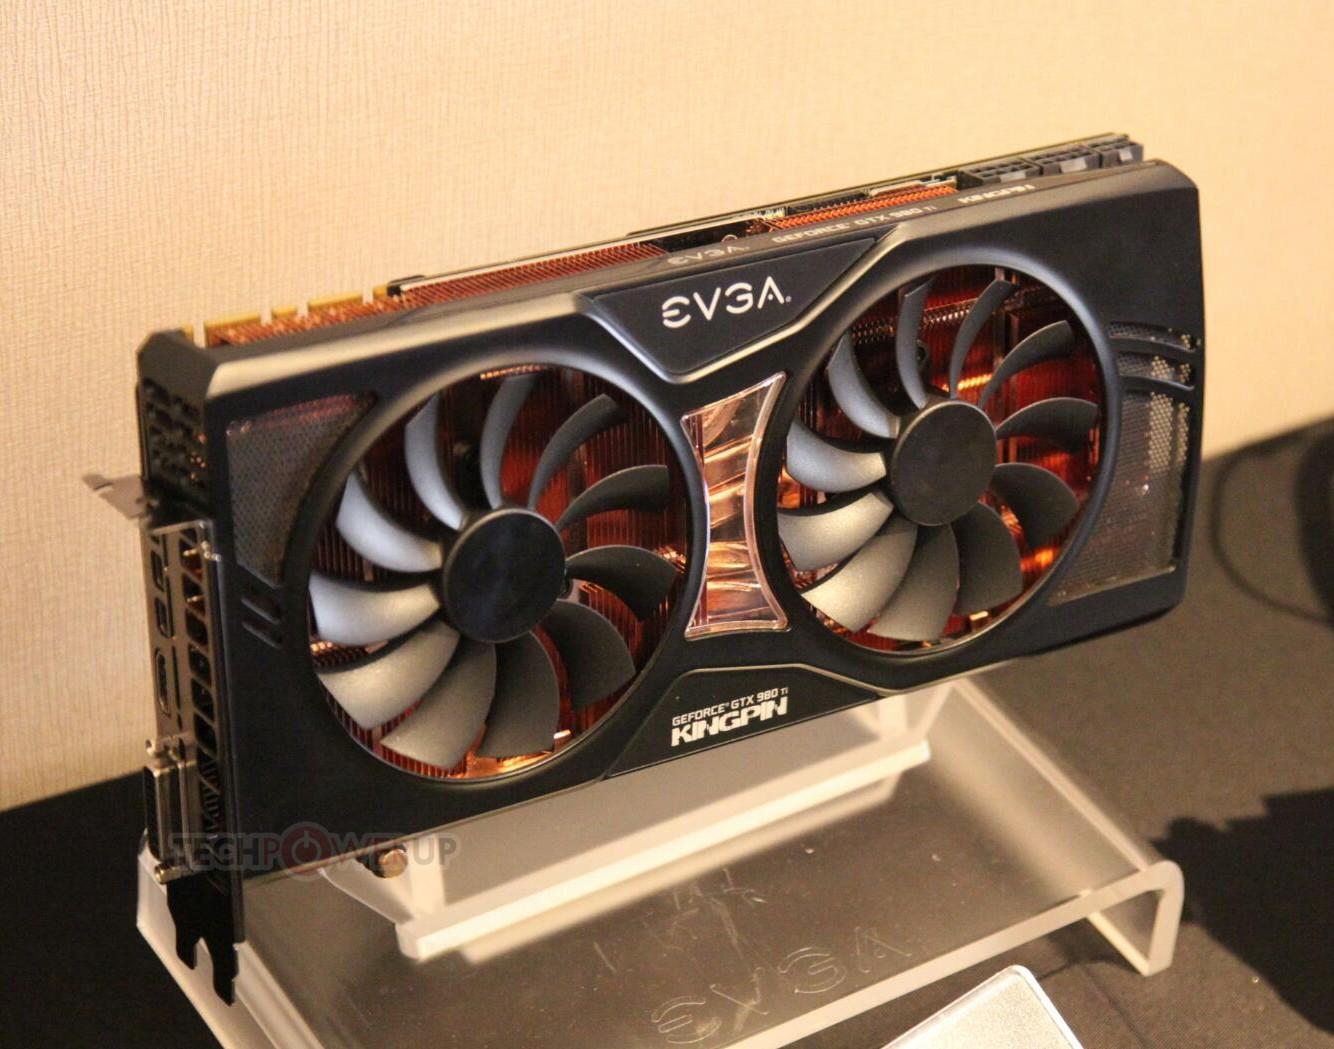 Placa de vídeo GeForce GTX 980 Ti Kingpin overclock 2,200MHz